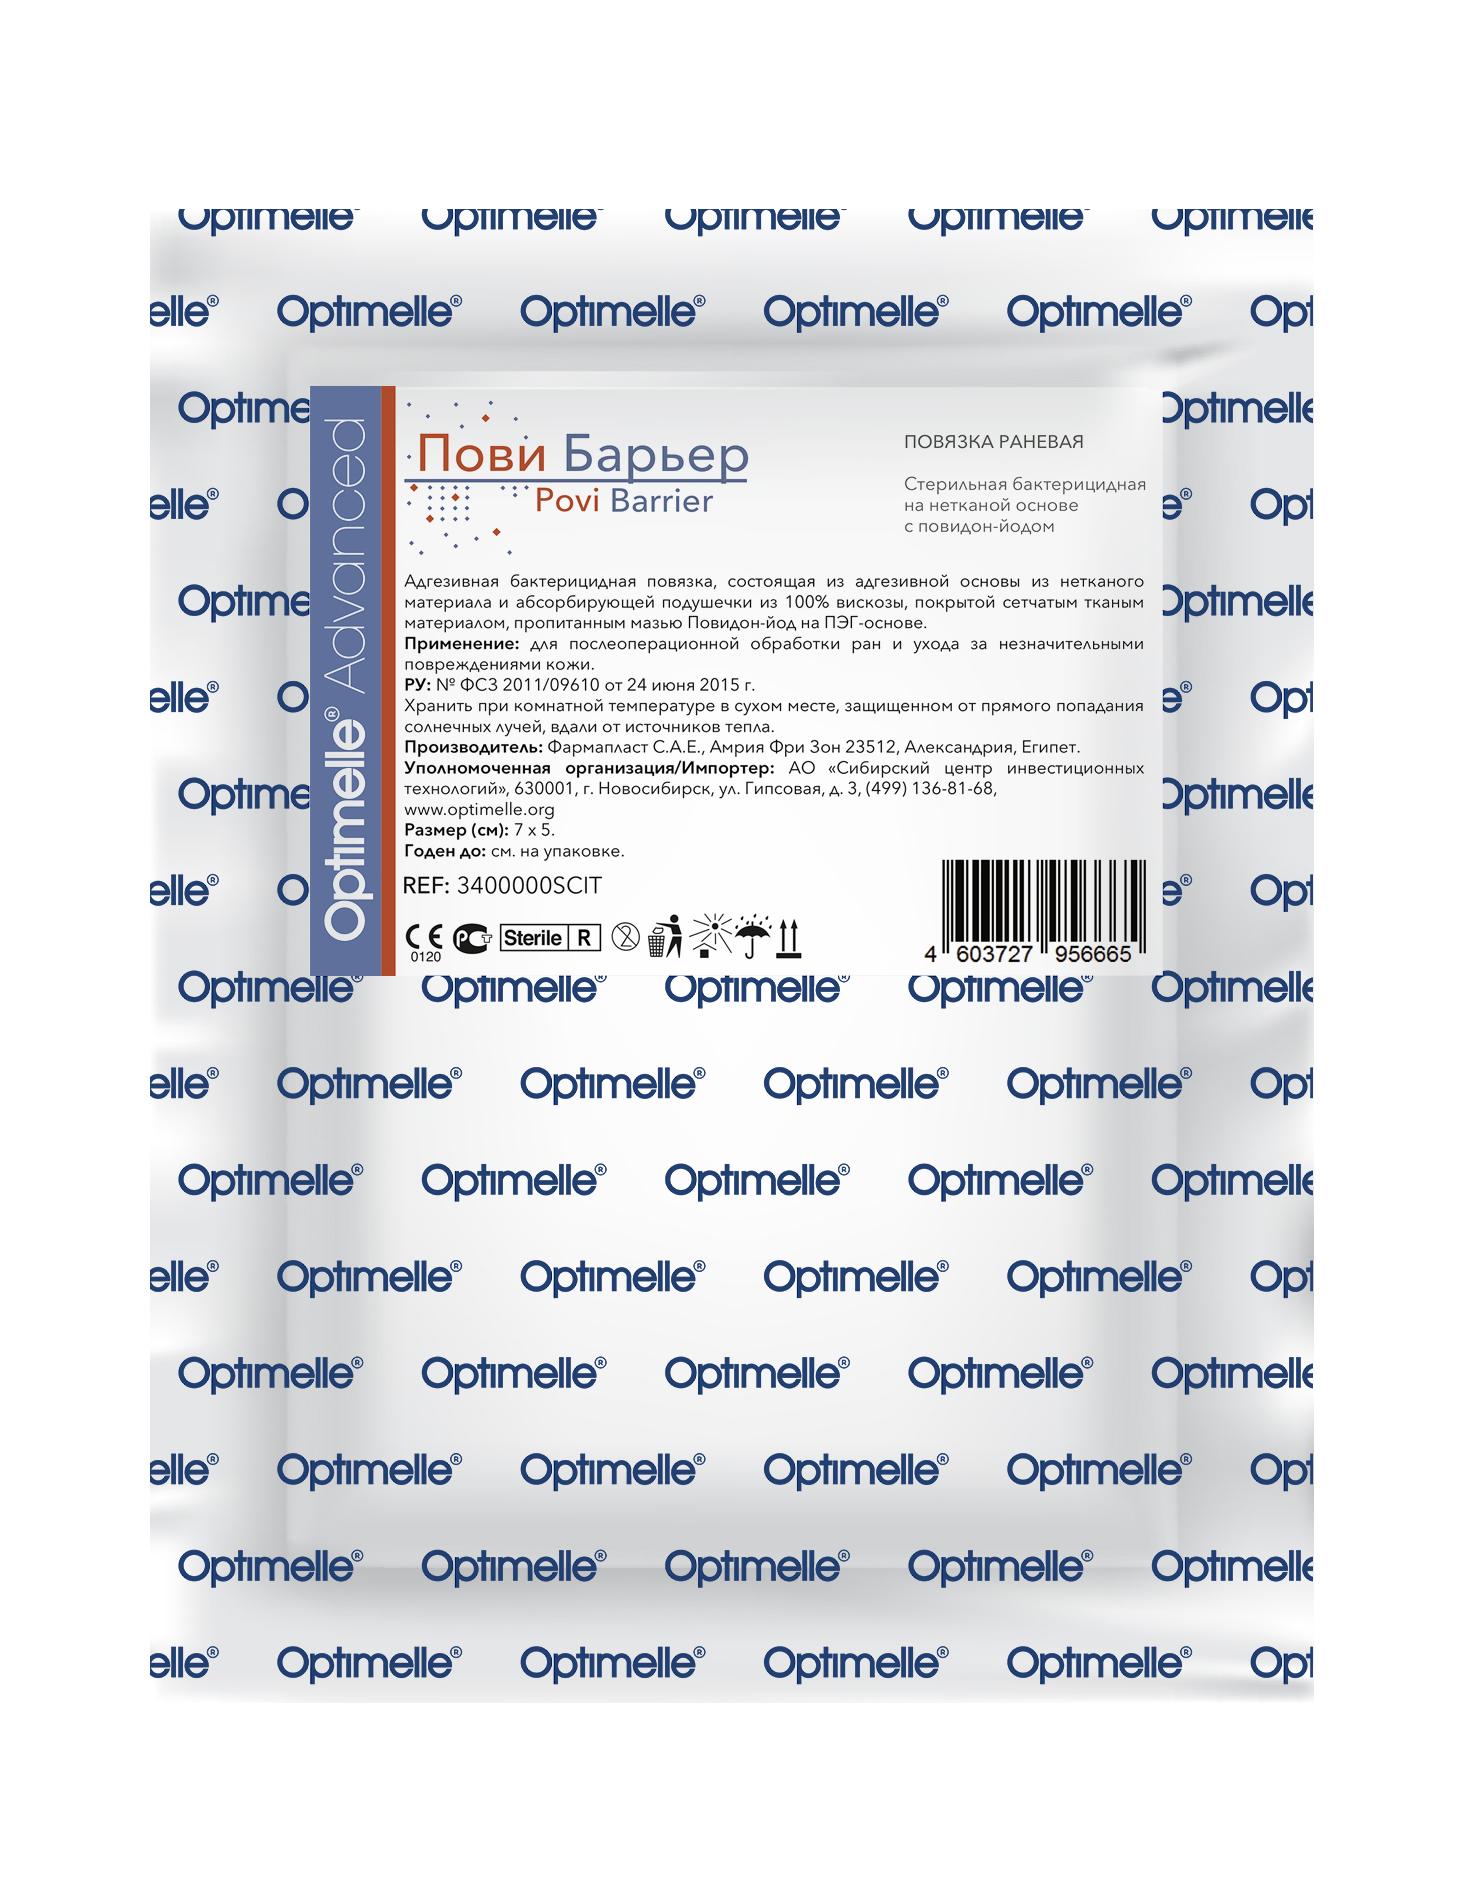 Повязка с повидон-йодом послеоперационная пластырная Пови Барьер 7х5 см